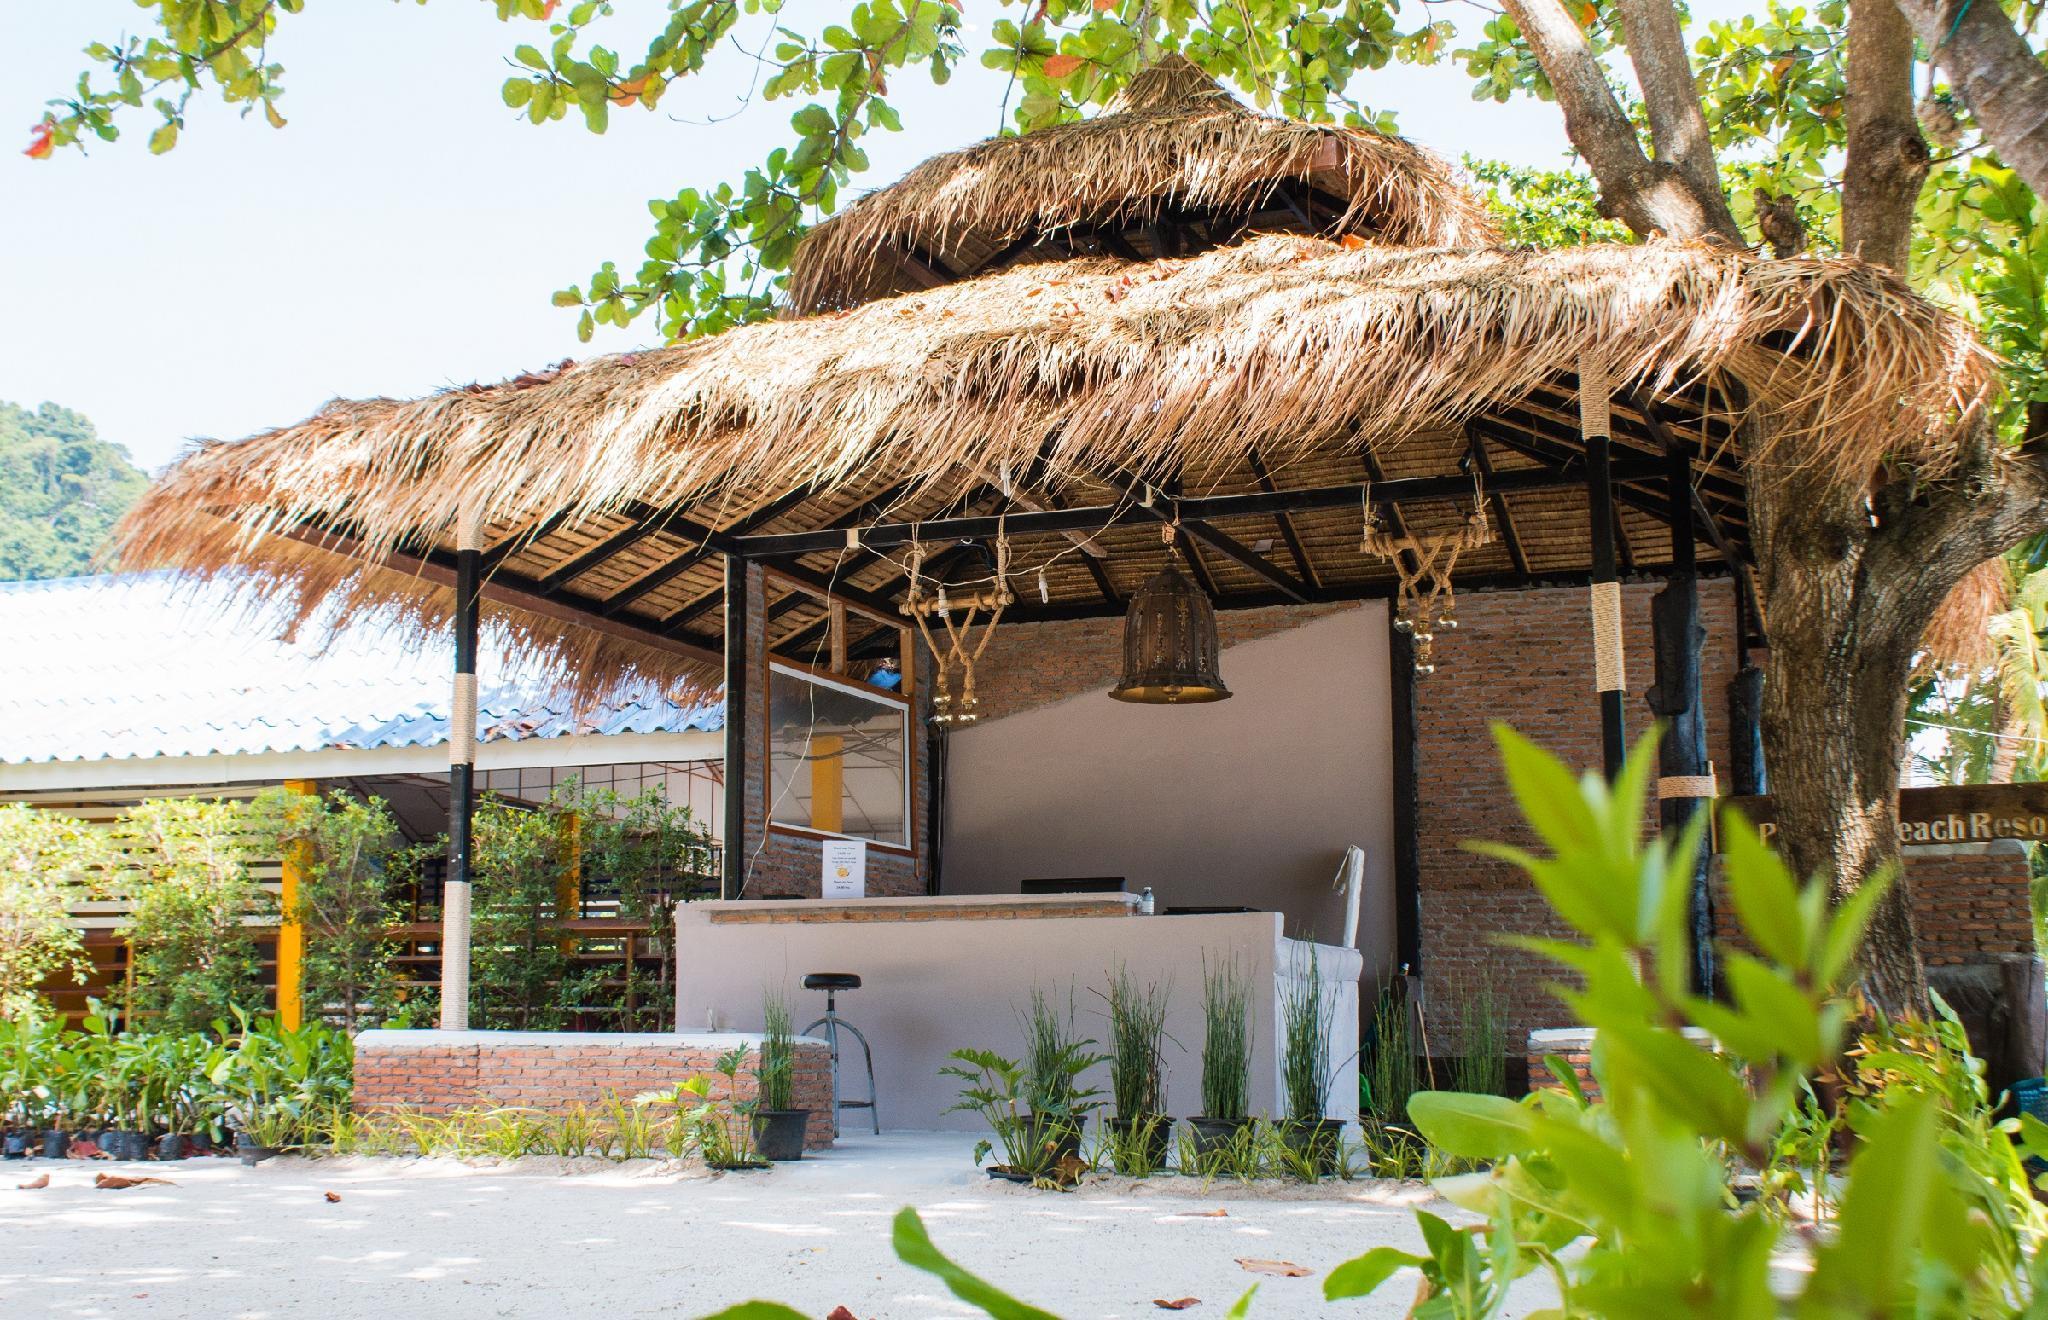 PP Nice Beach Resort, Muang Krabi